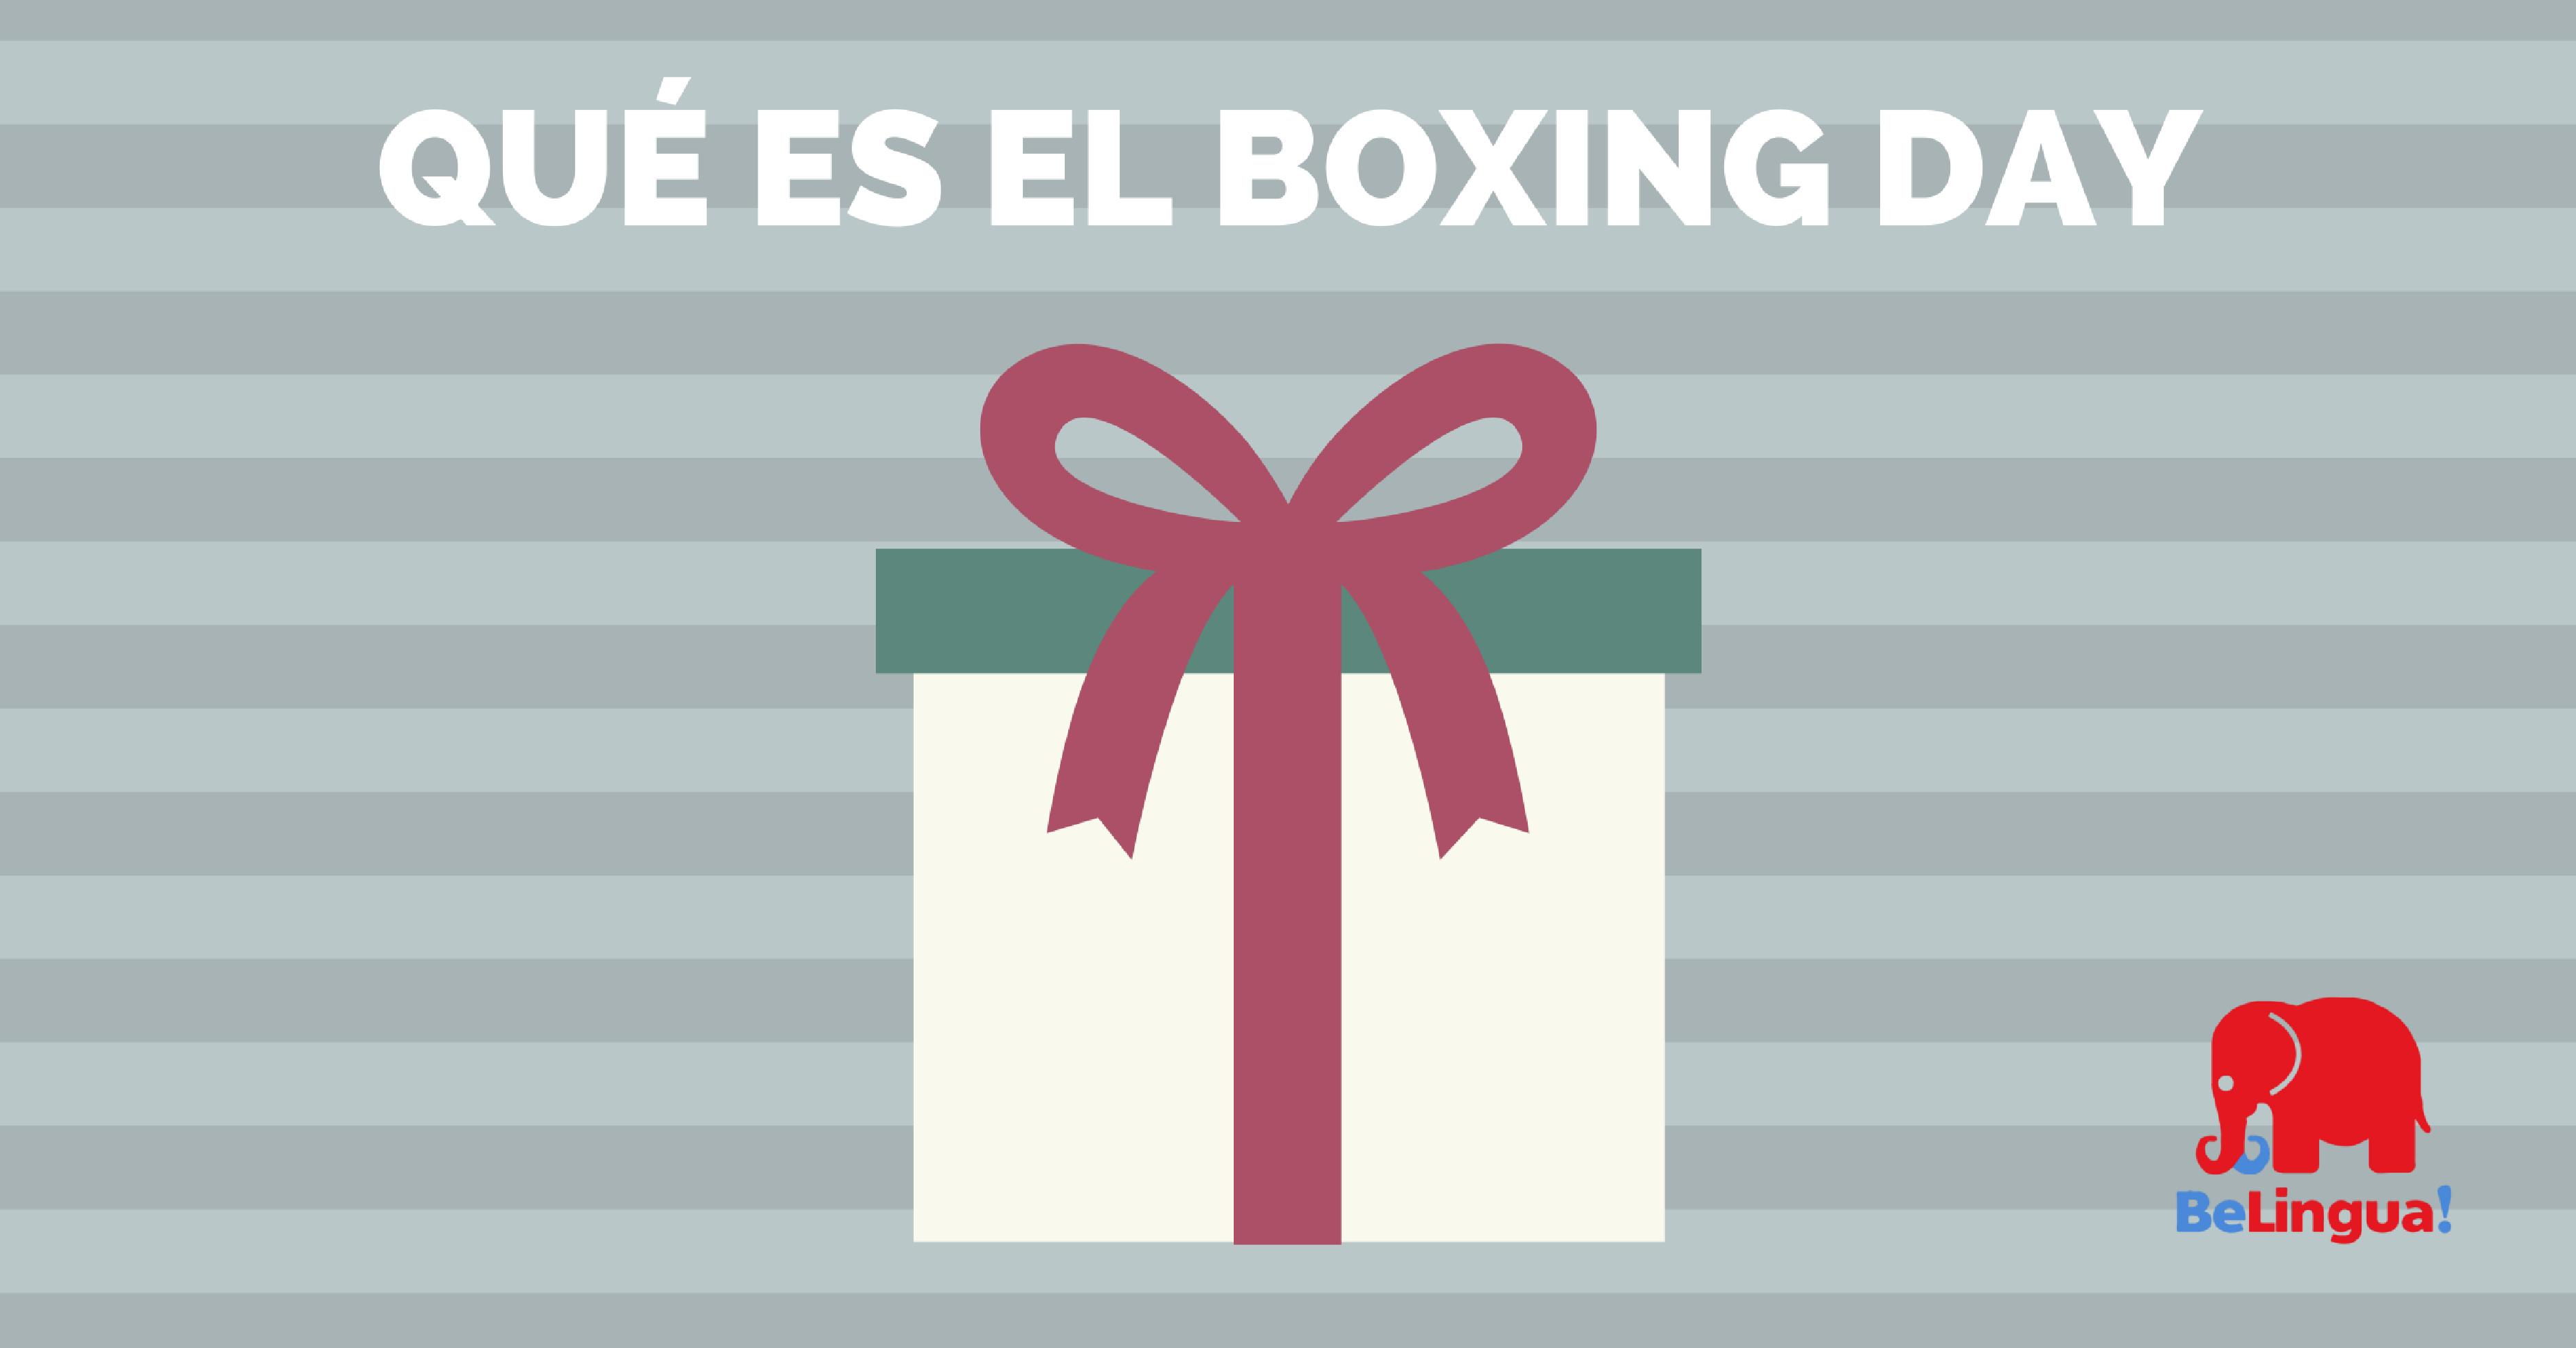 Qué es el Boxing day